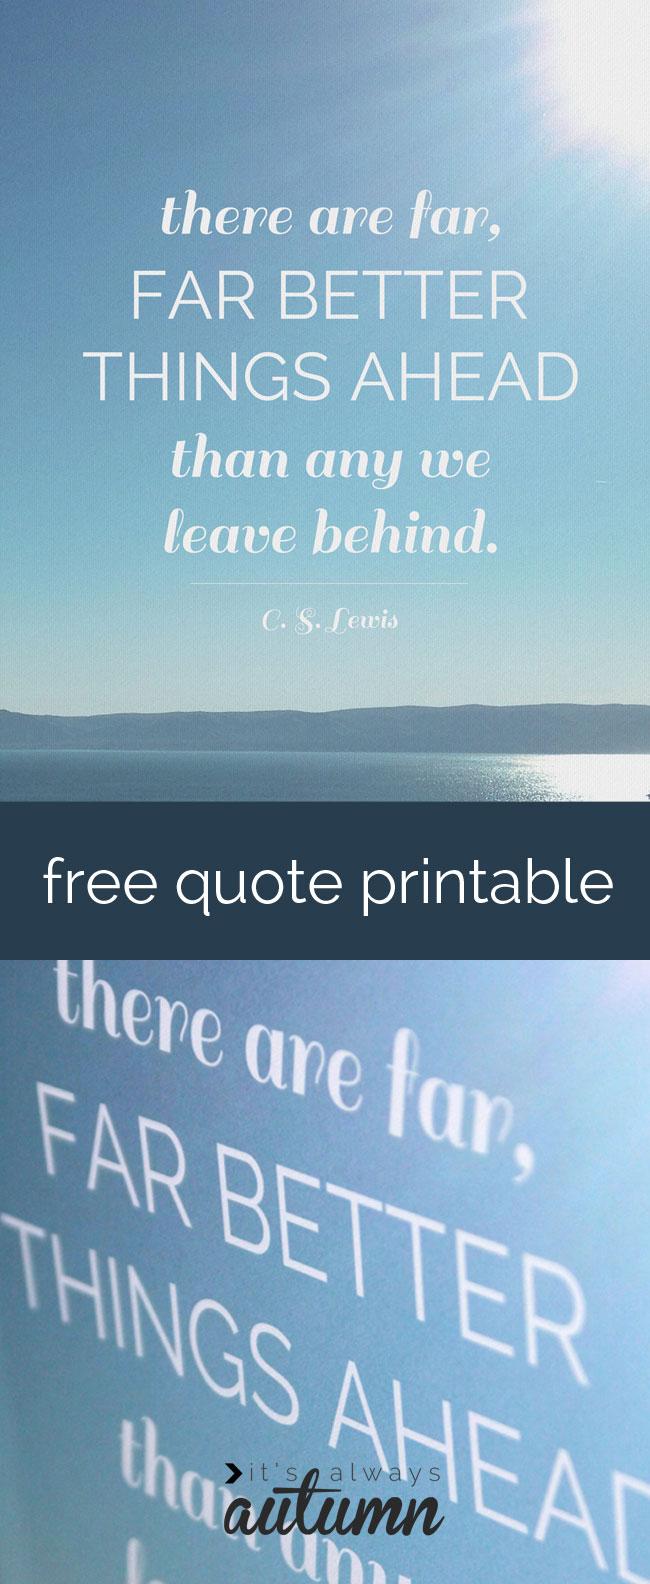 cs lewis quote free printable